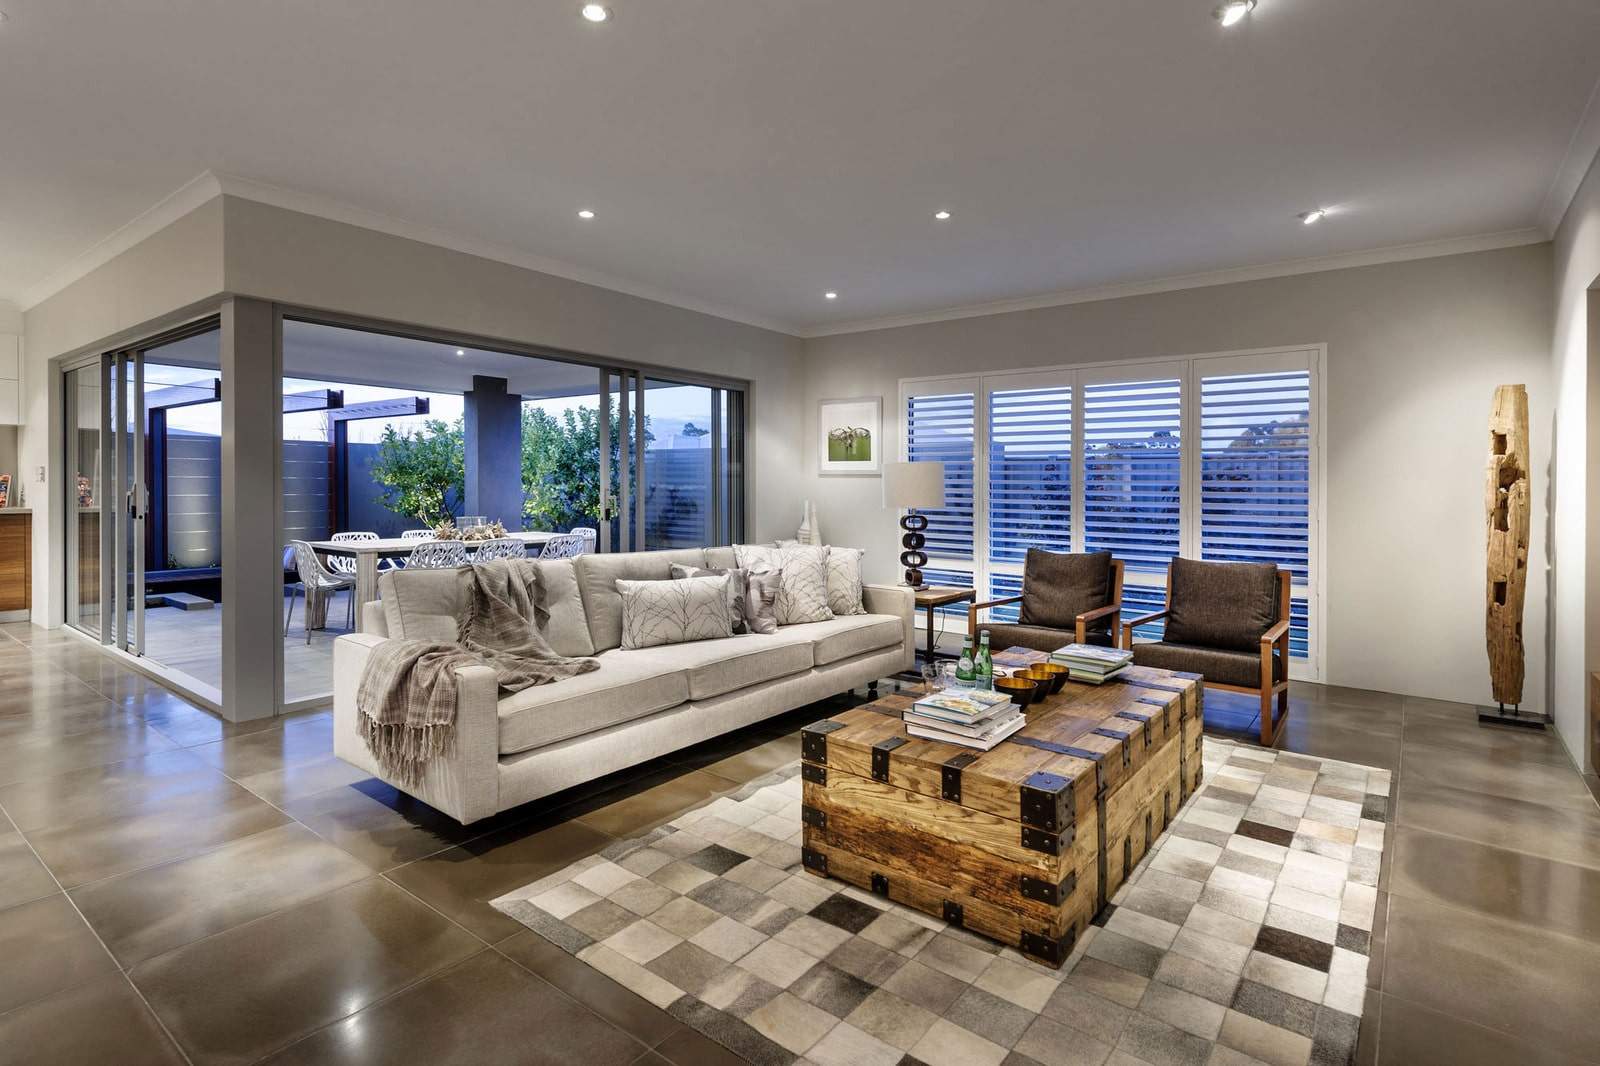 Dise o de casa moderna de dos pisos fachada e interiores for Diseno de interiores para cuartos